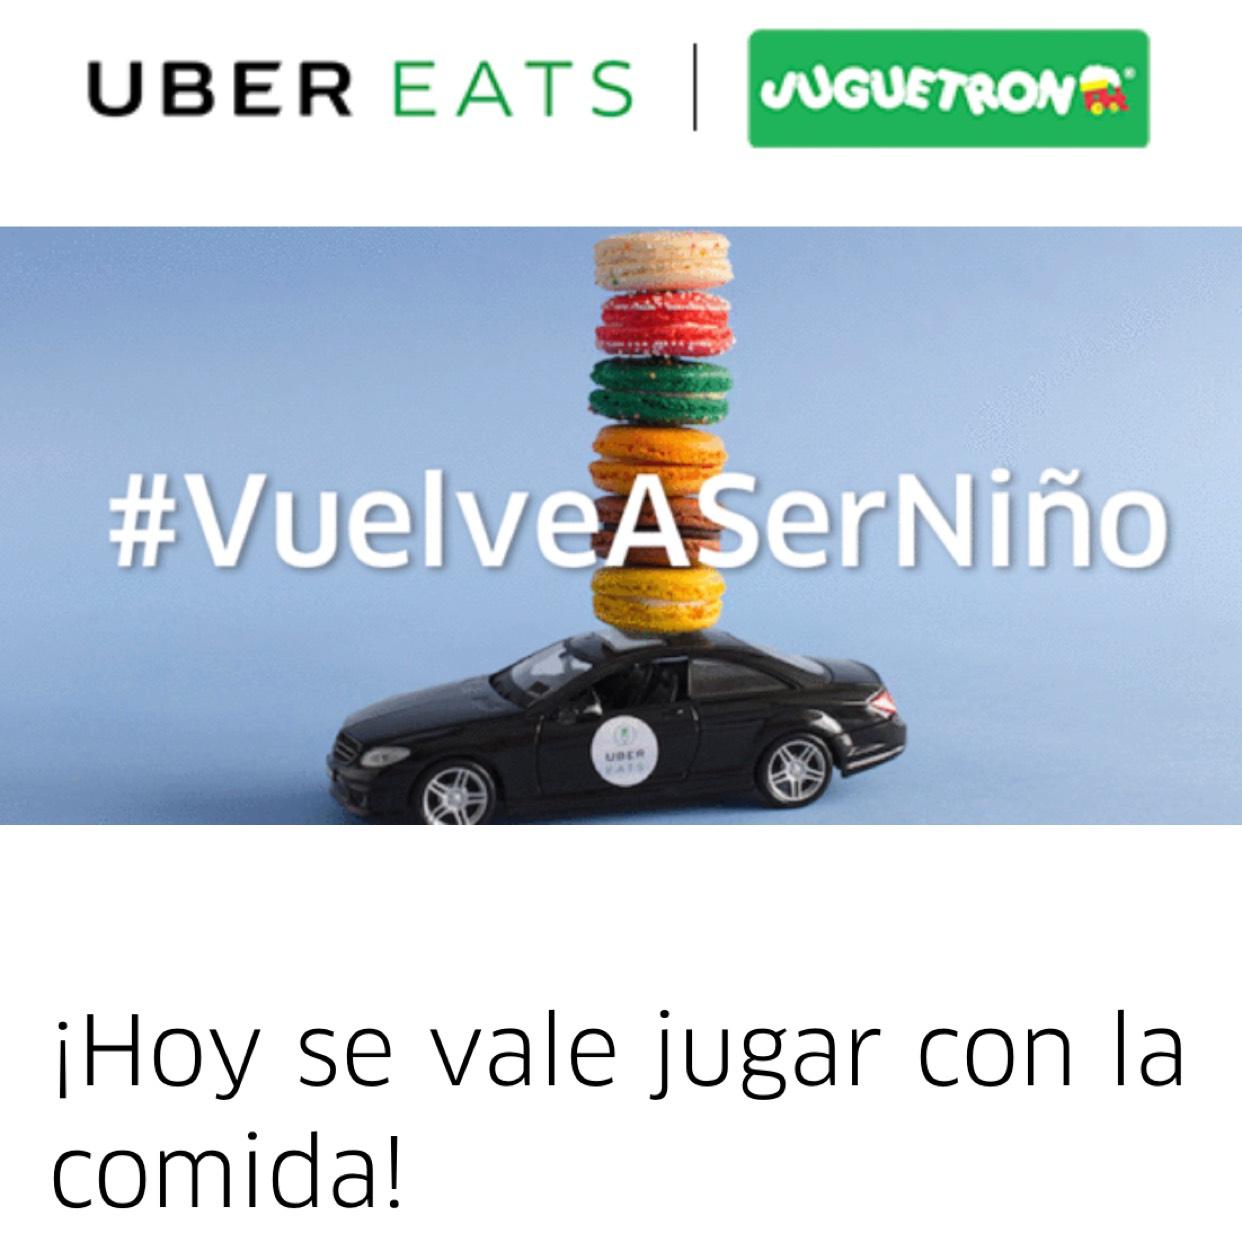 Uber Eats: Código de descuento, concurso para mes gratis y regalo del Día del niño